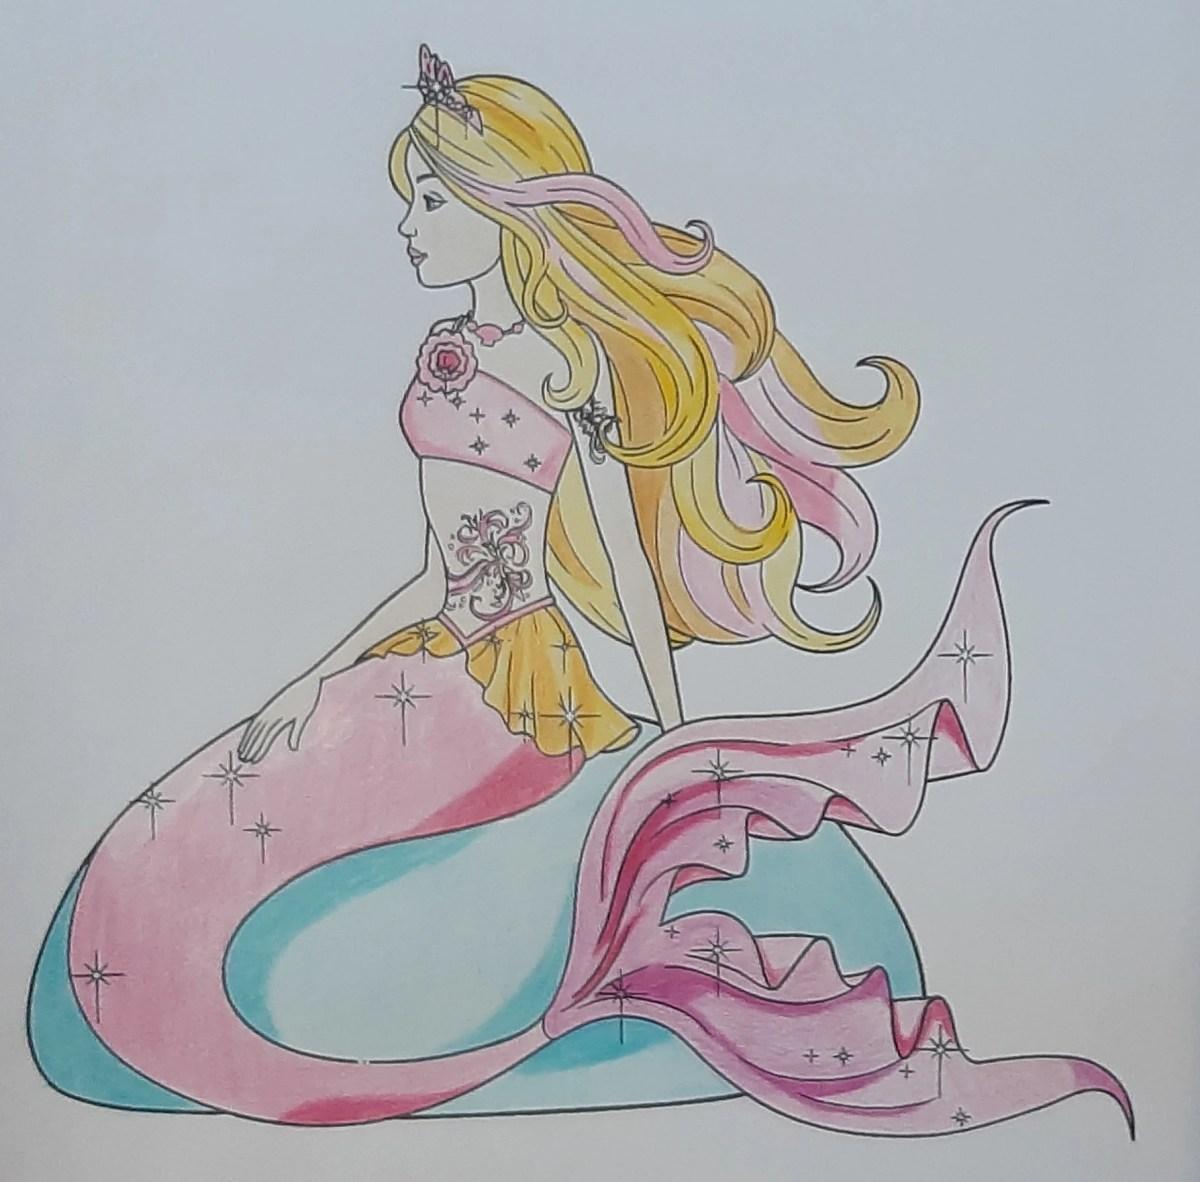 Barbie Sereia - Colorindo um desenho com lápis de cor tradicional - Cabelos longos 11